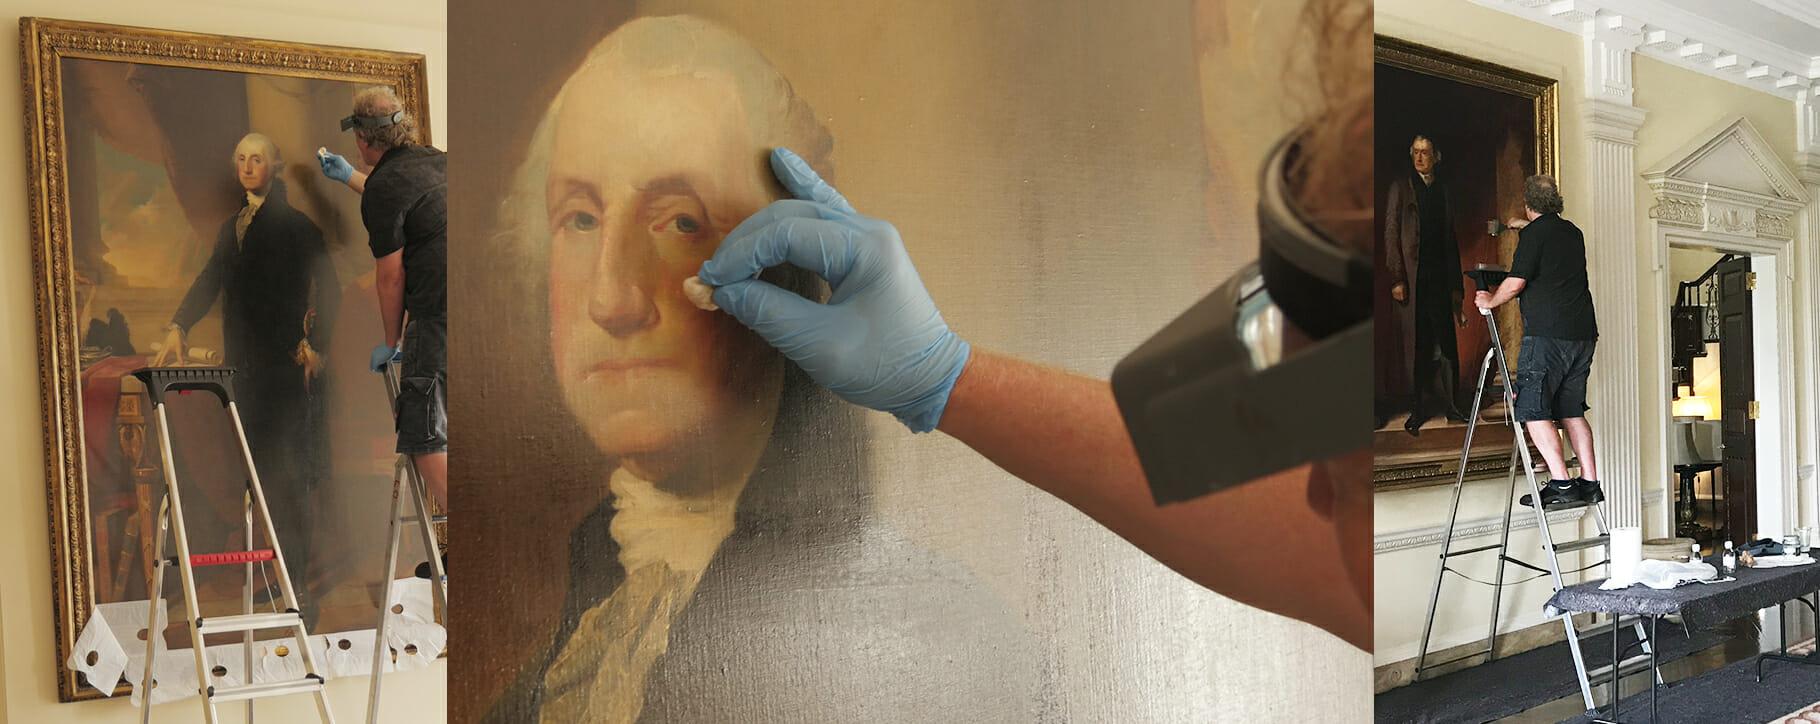 US Embassy Portraits